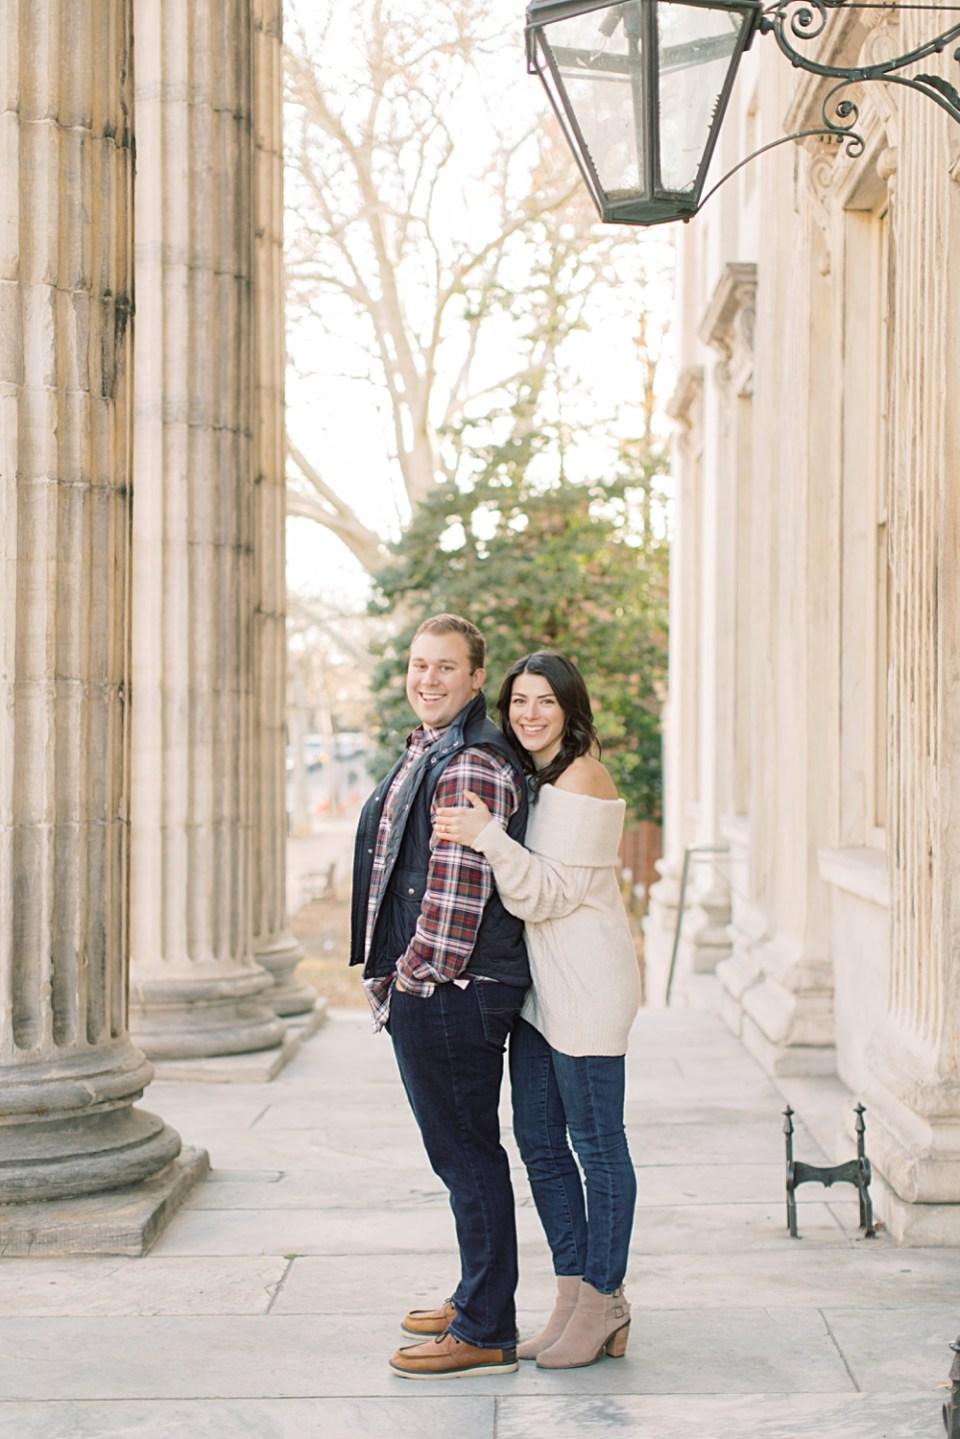 Old City Philadelphia Engagement Session | Wedding photographer Sarah Canning